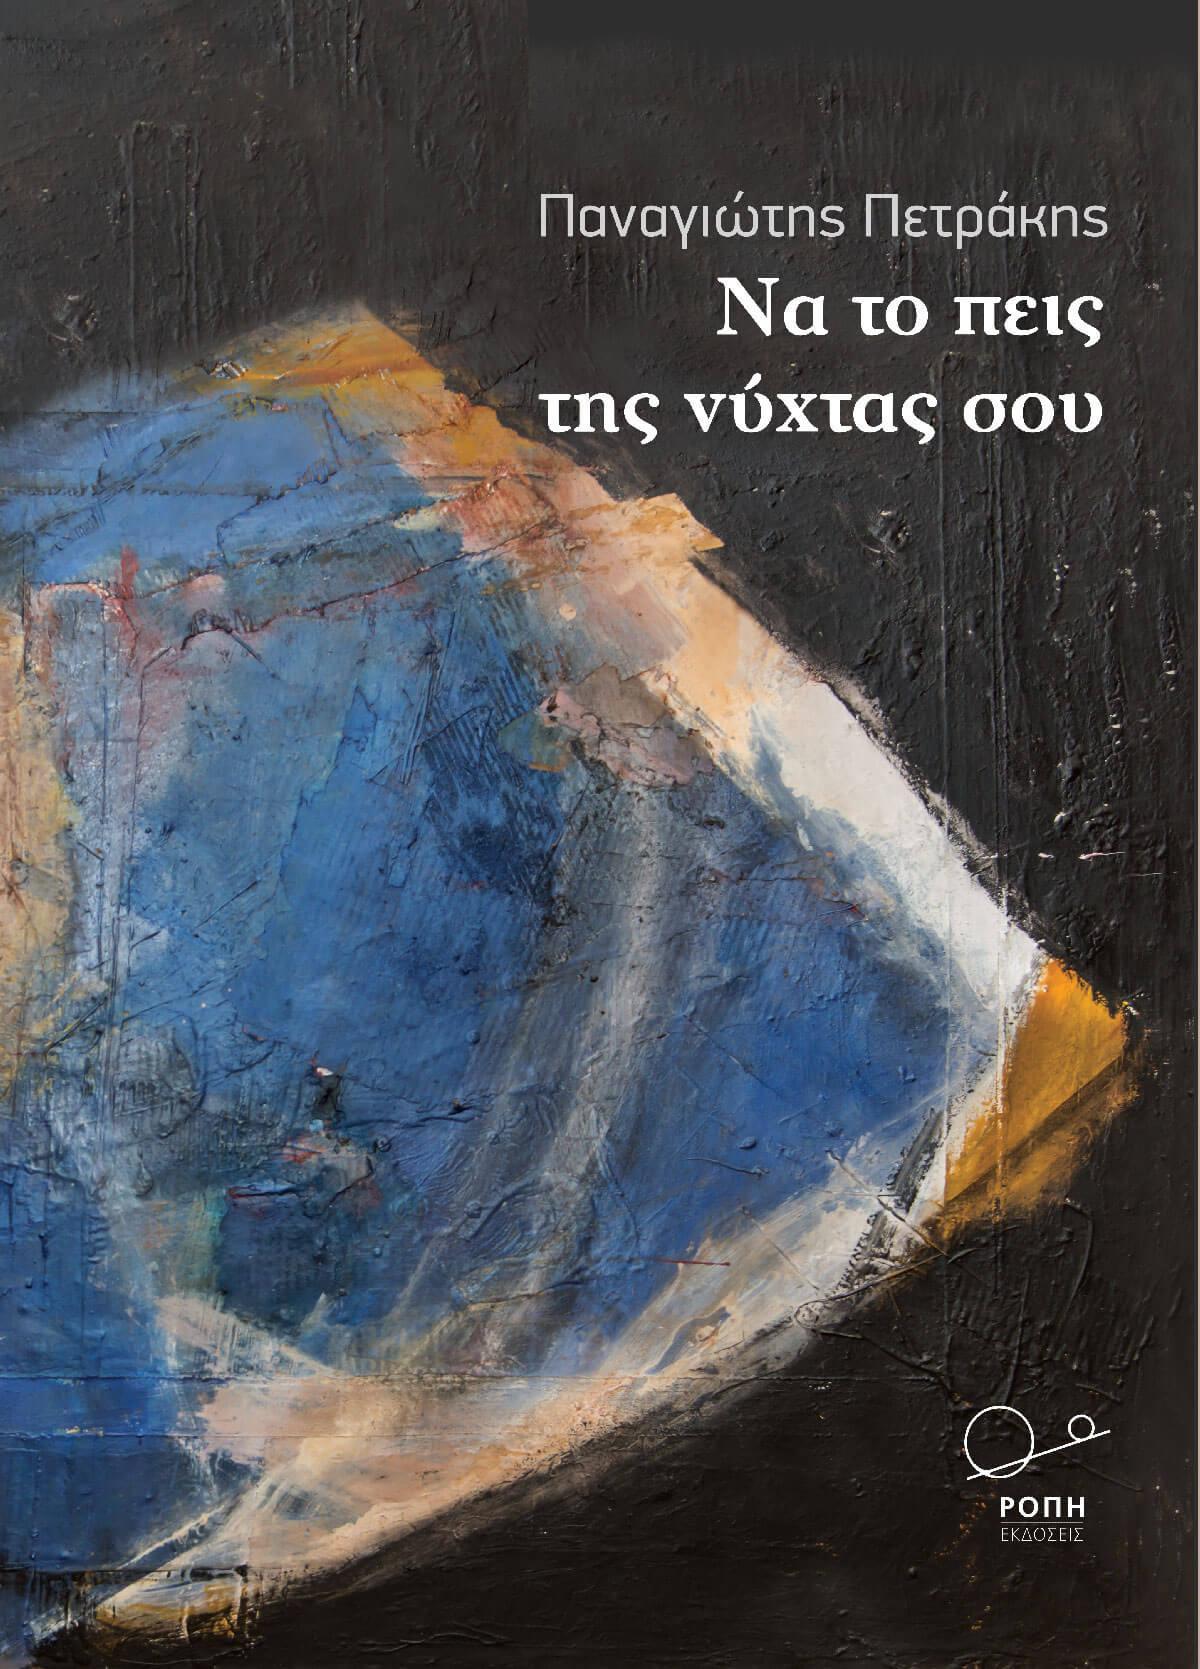 «Να το πεις της νύχτας σου»: Το πρώτο λογοτεχνικό βιβλίο του Καθηγητή Οικονομικών Παναγιώτη Πετράκη